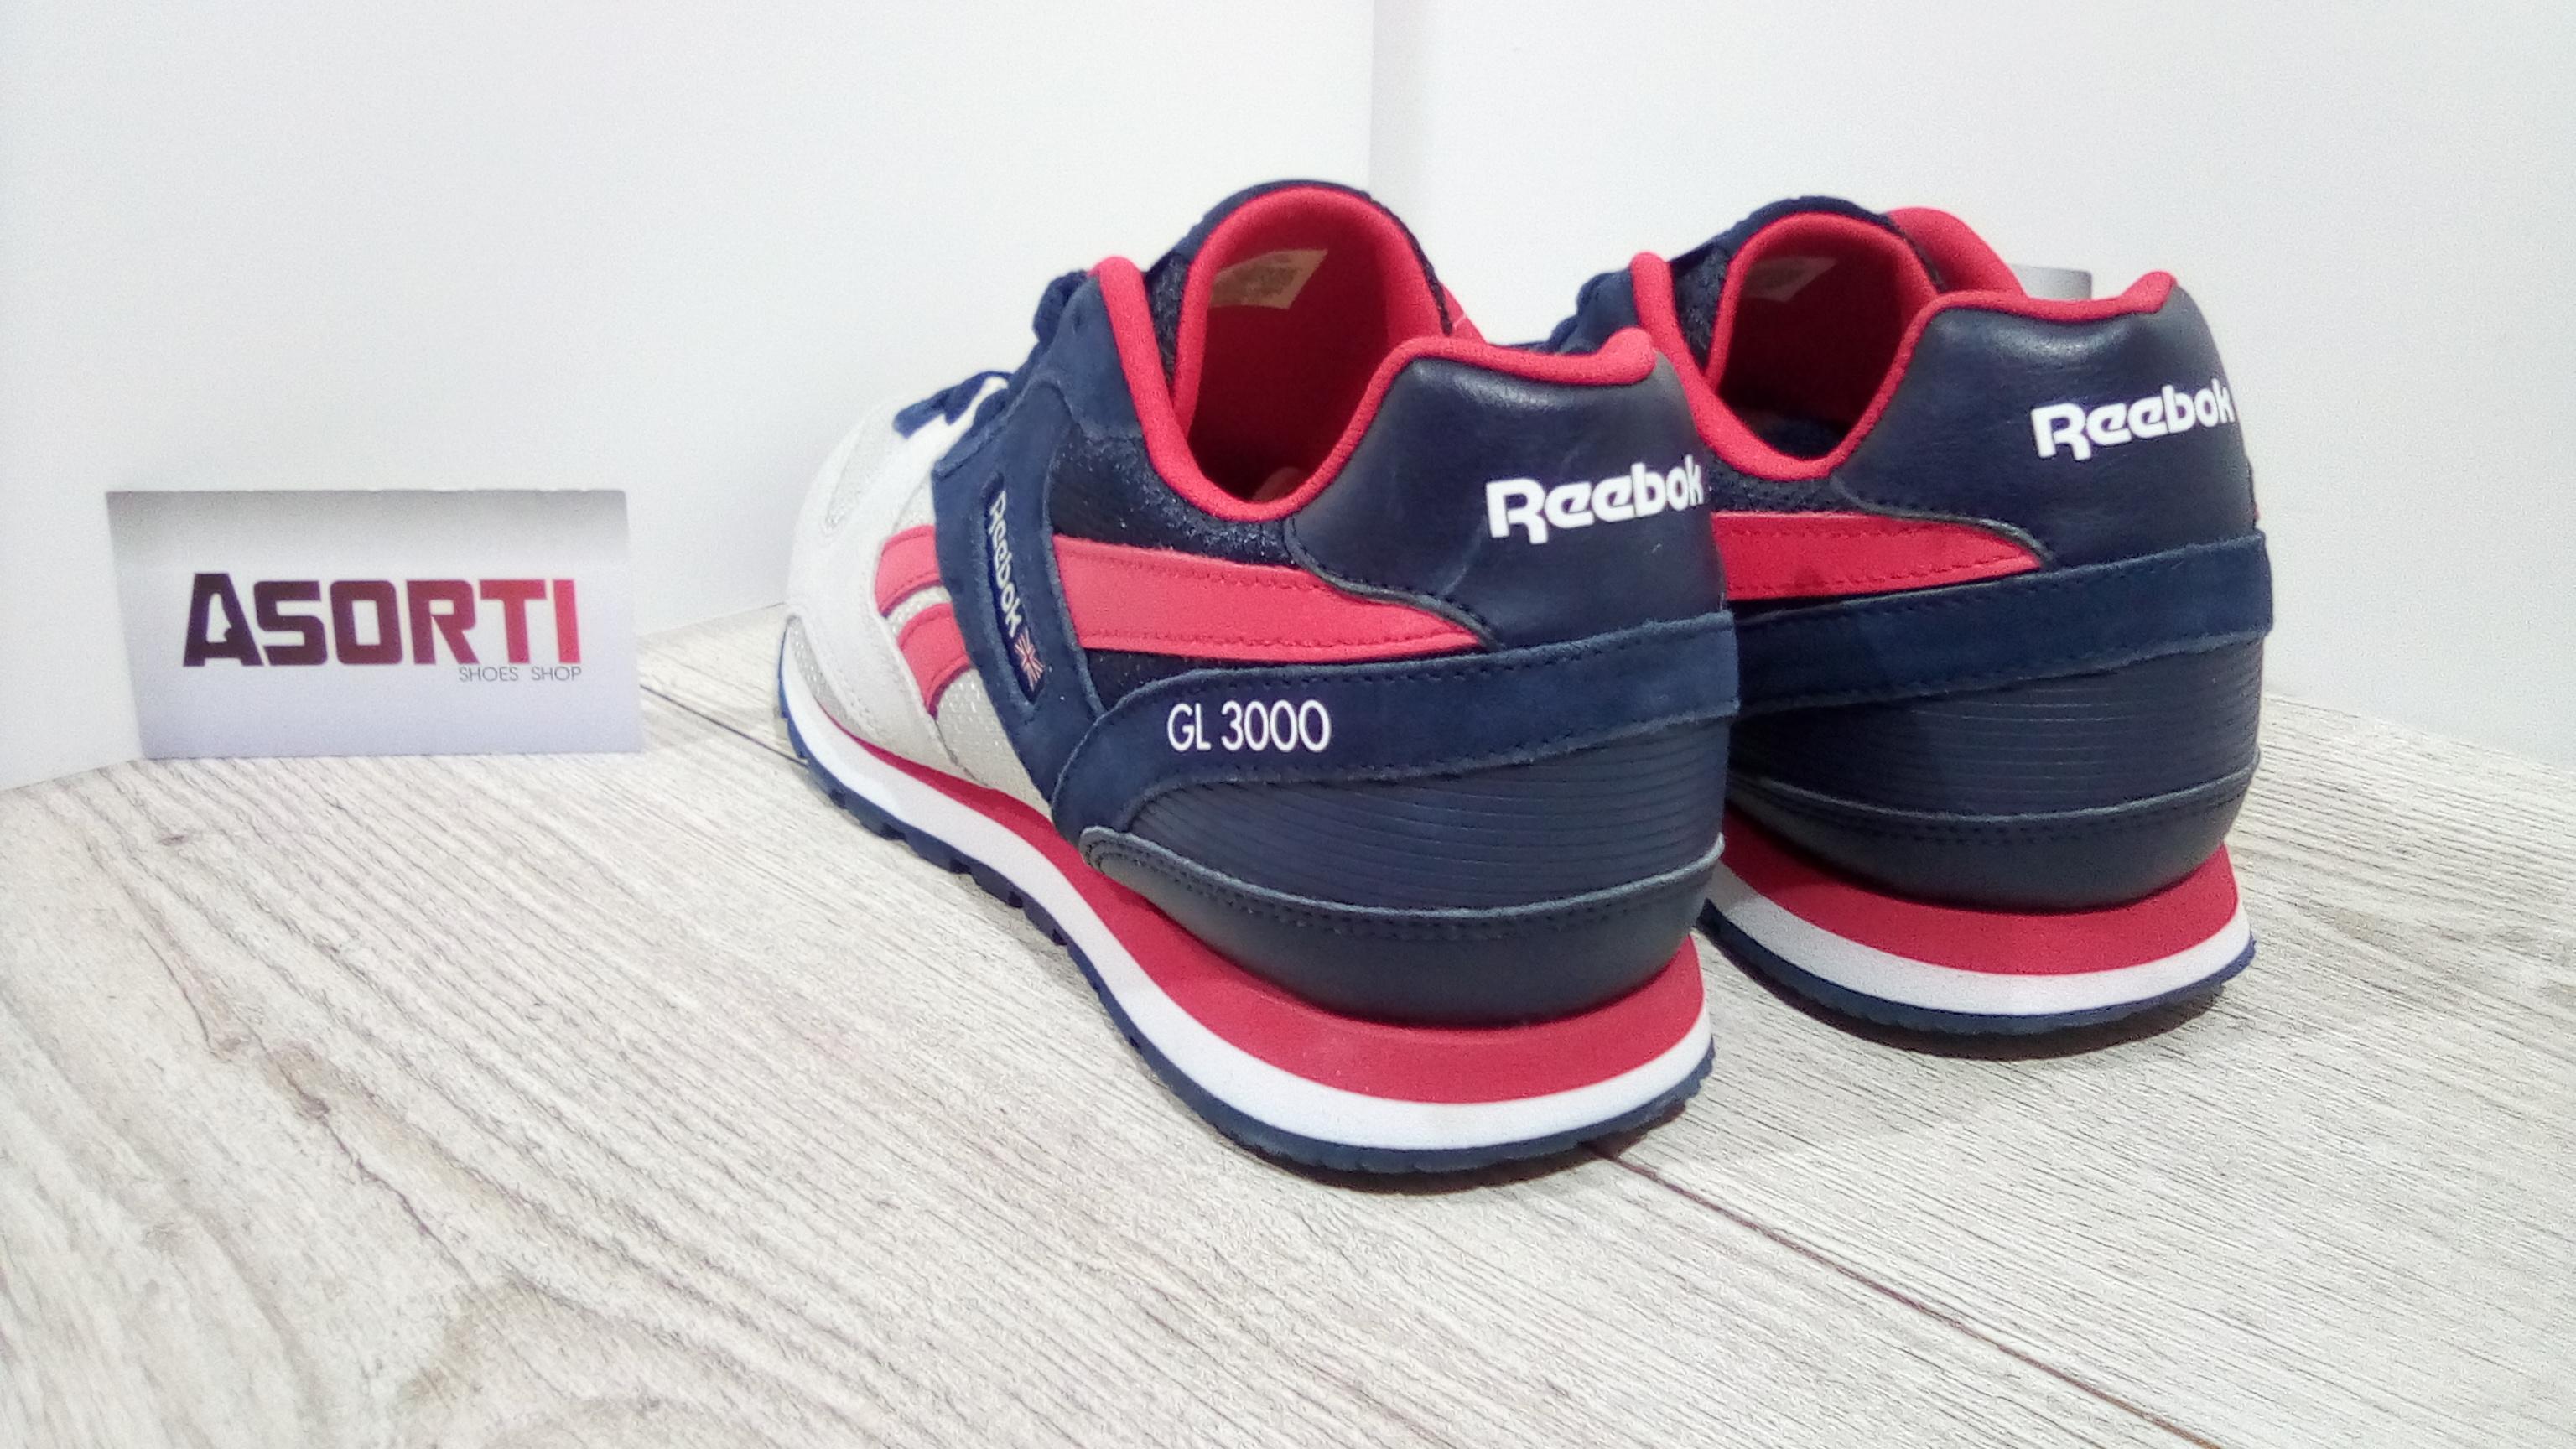 Женские кроссовки Reebok GL 3000 SP серые темно-синие (BD2436 ... ac7c289b84557